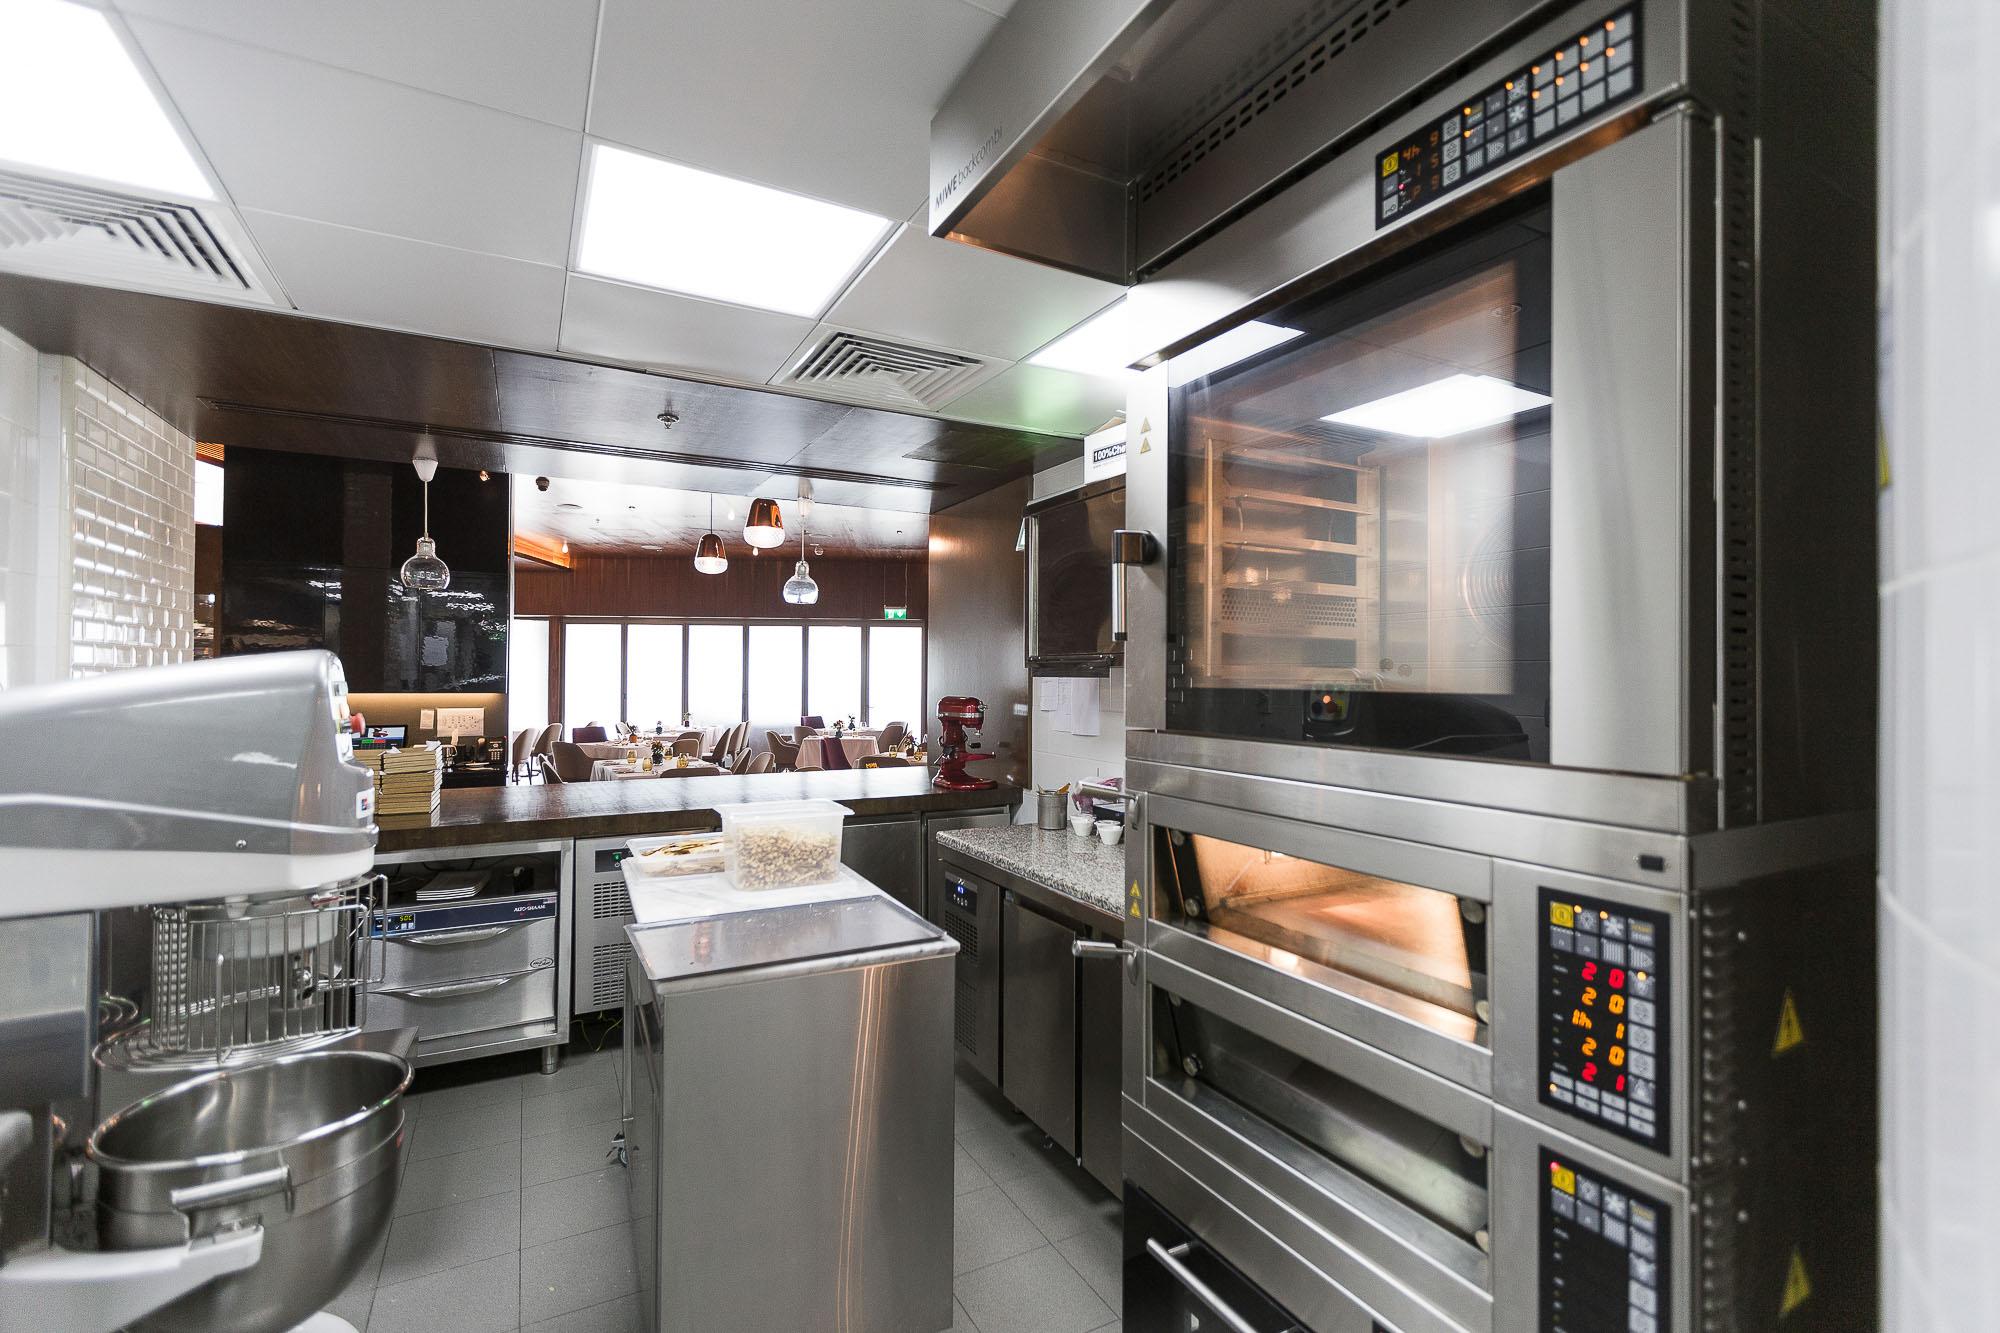 italia_kitchen_robertos_abu_dhabi_23